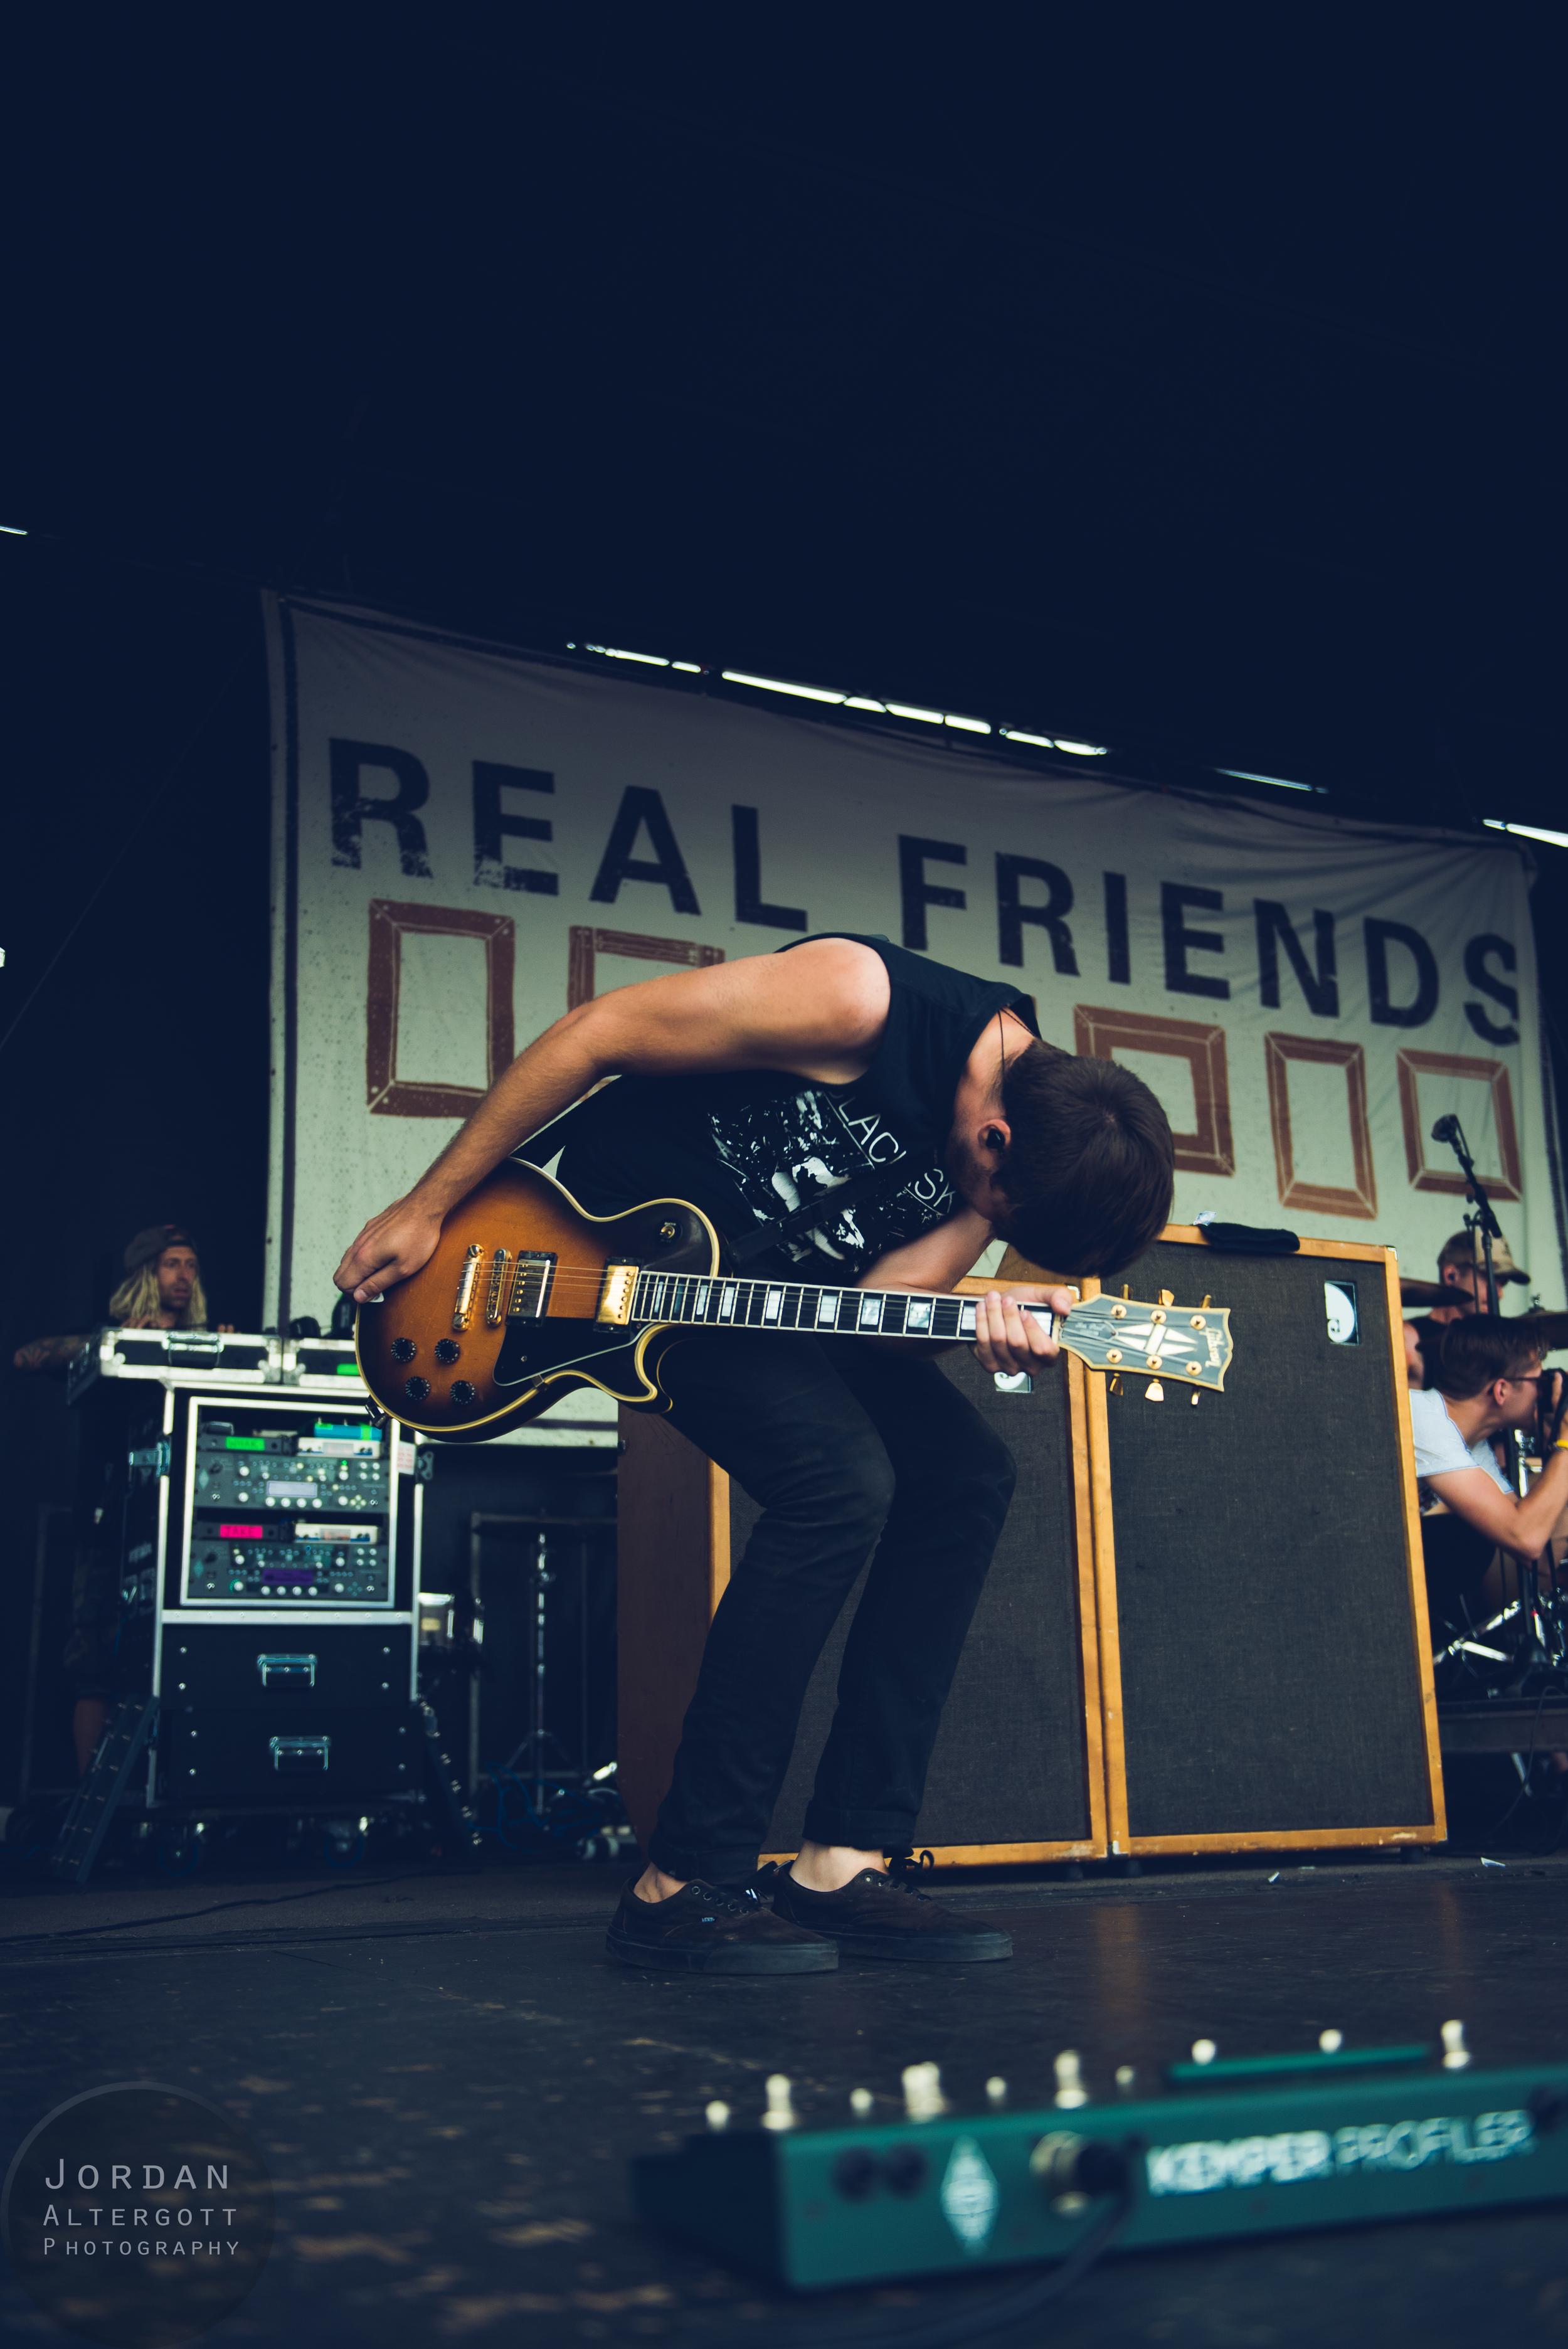 realfriends-5.jpg